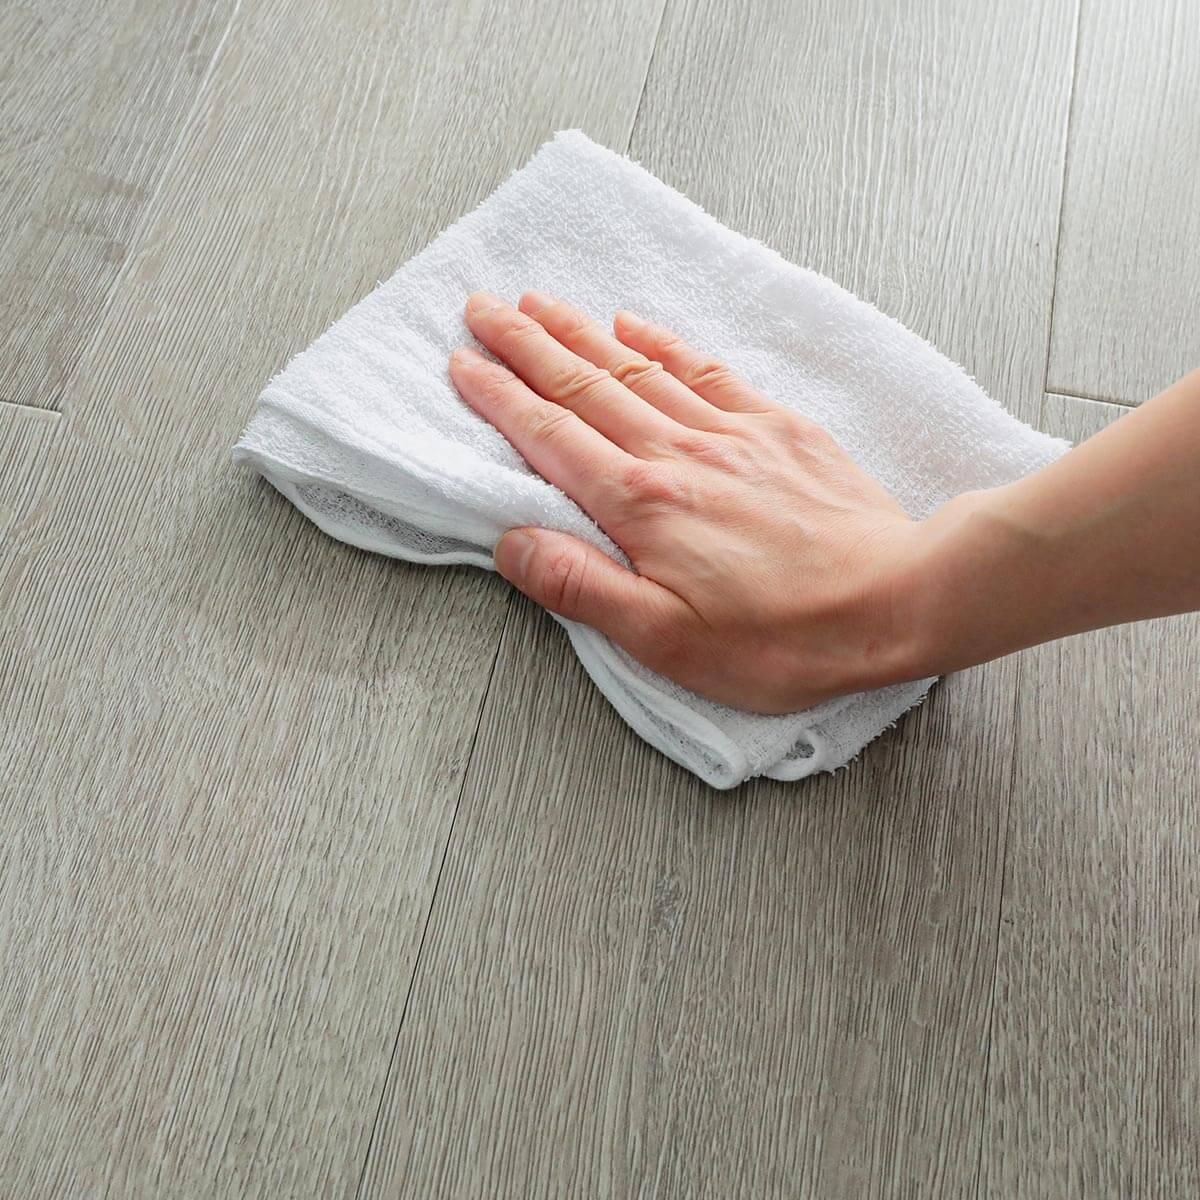 貼り付け前は、床の汚れをきれいに拭きとってください。